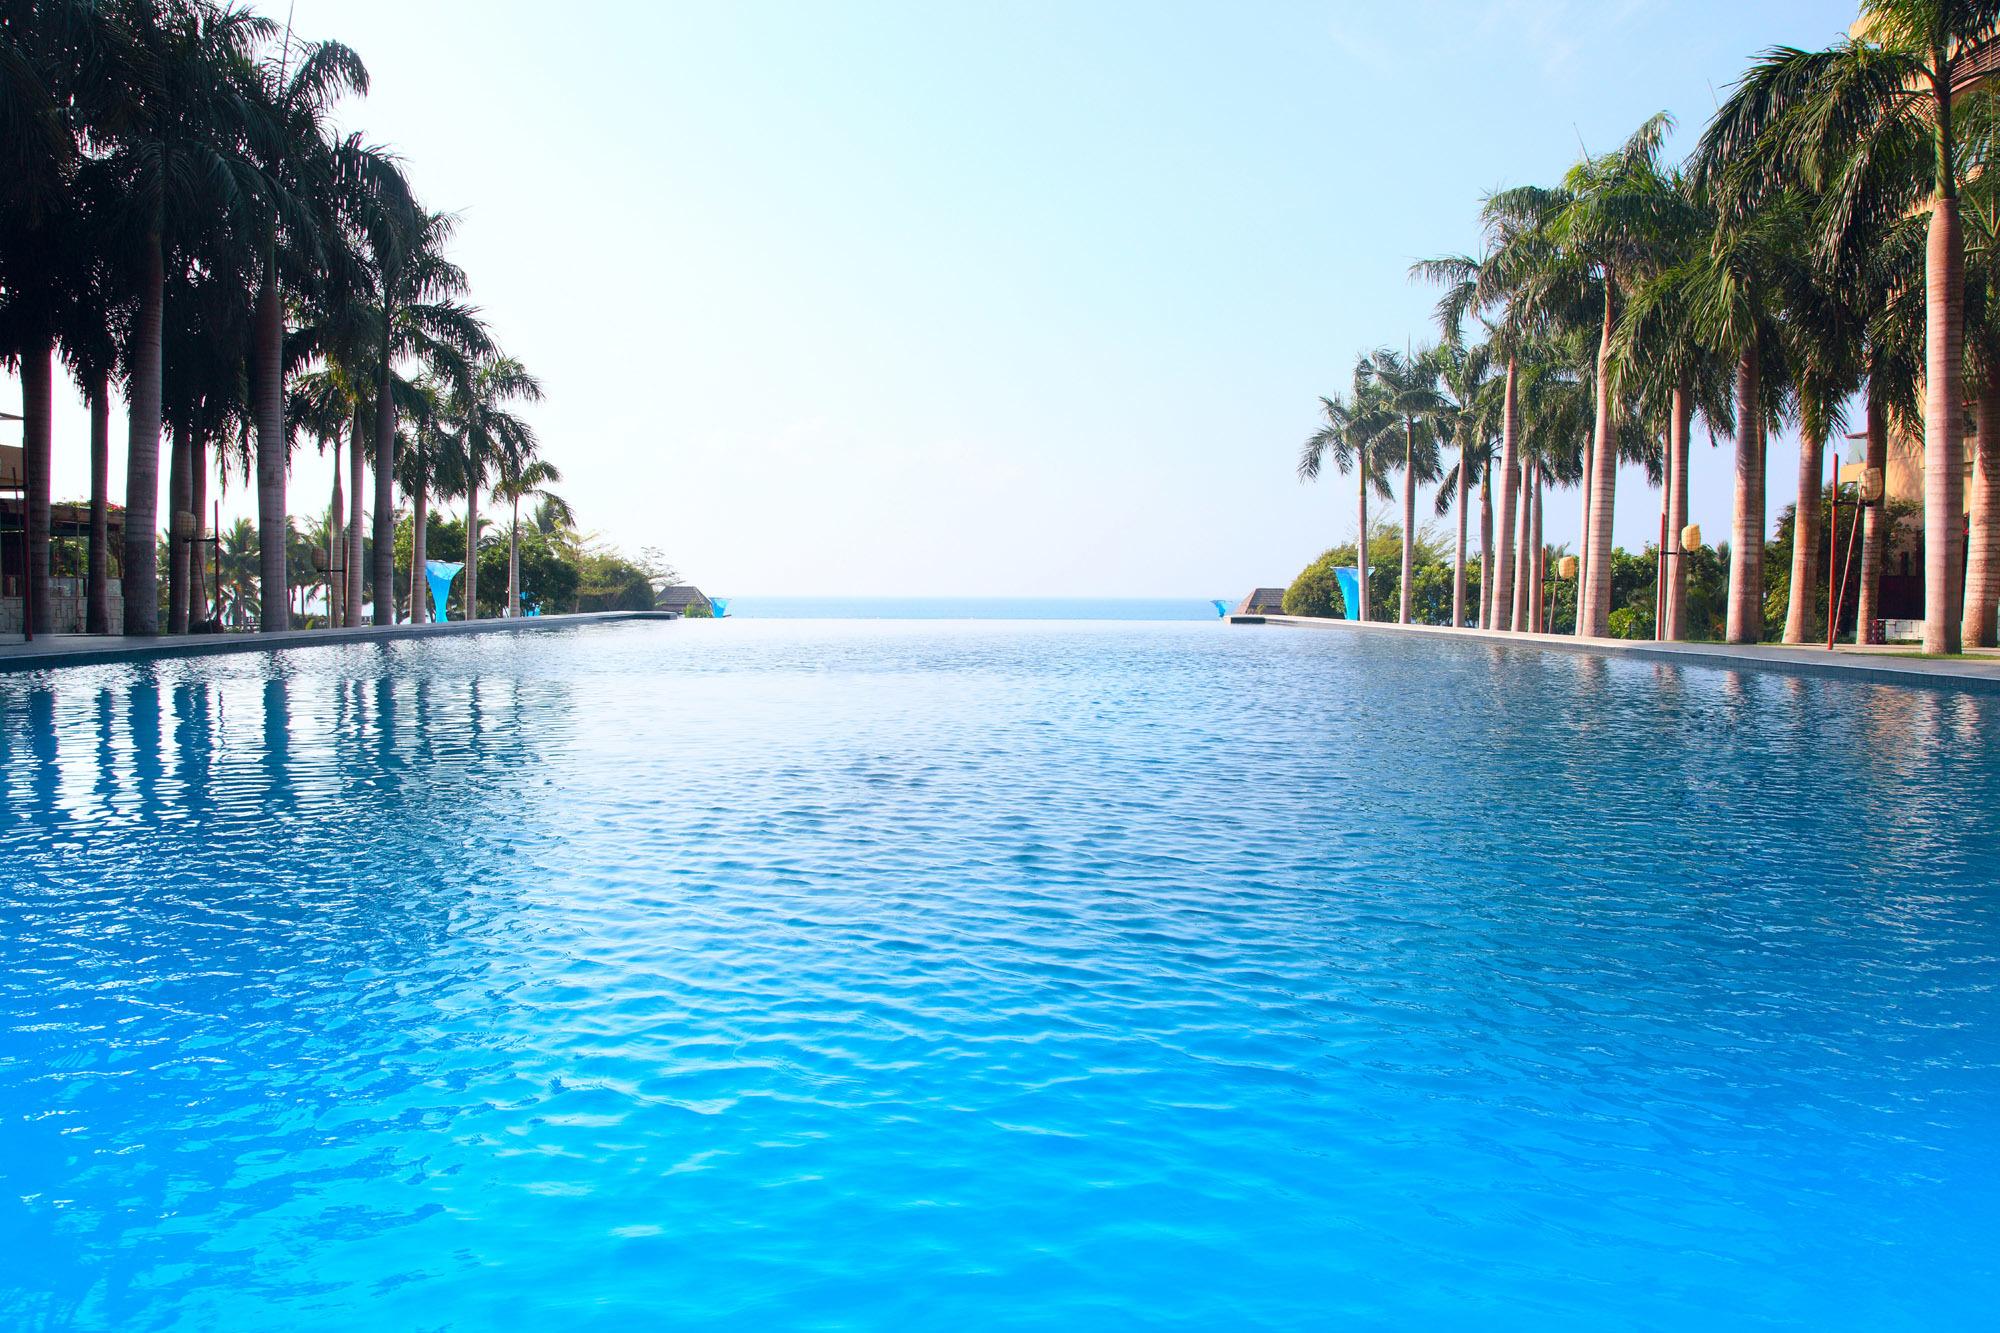 природа бассейн отдых море nature pool the rest sea  № 3546041 загрузить